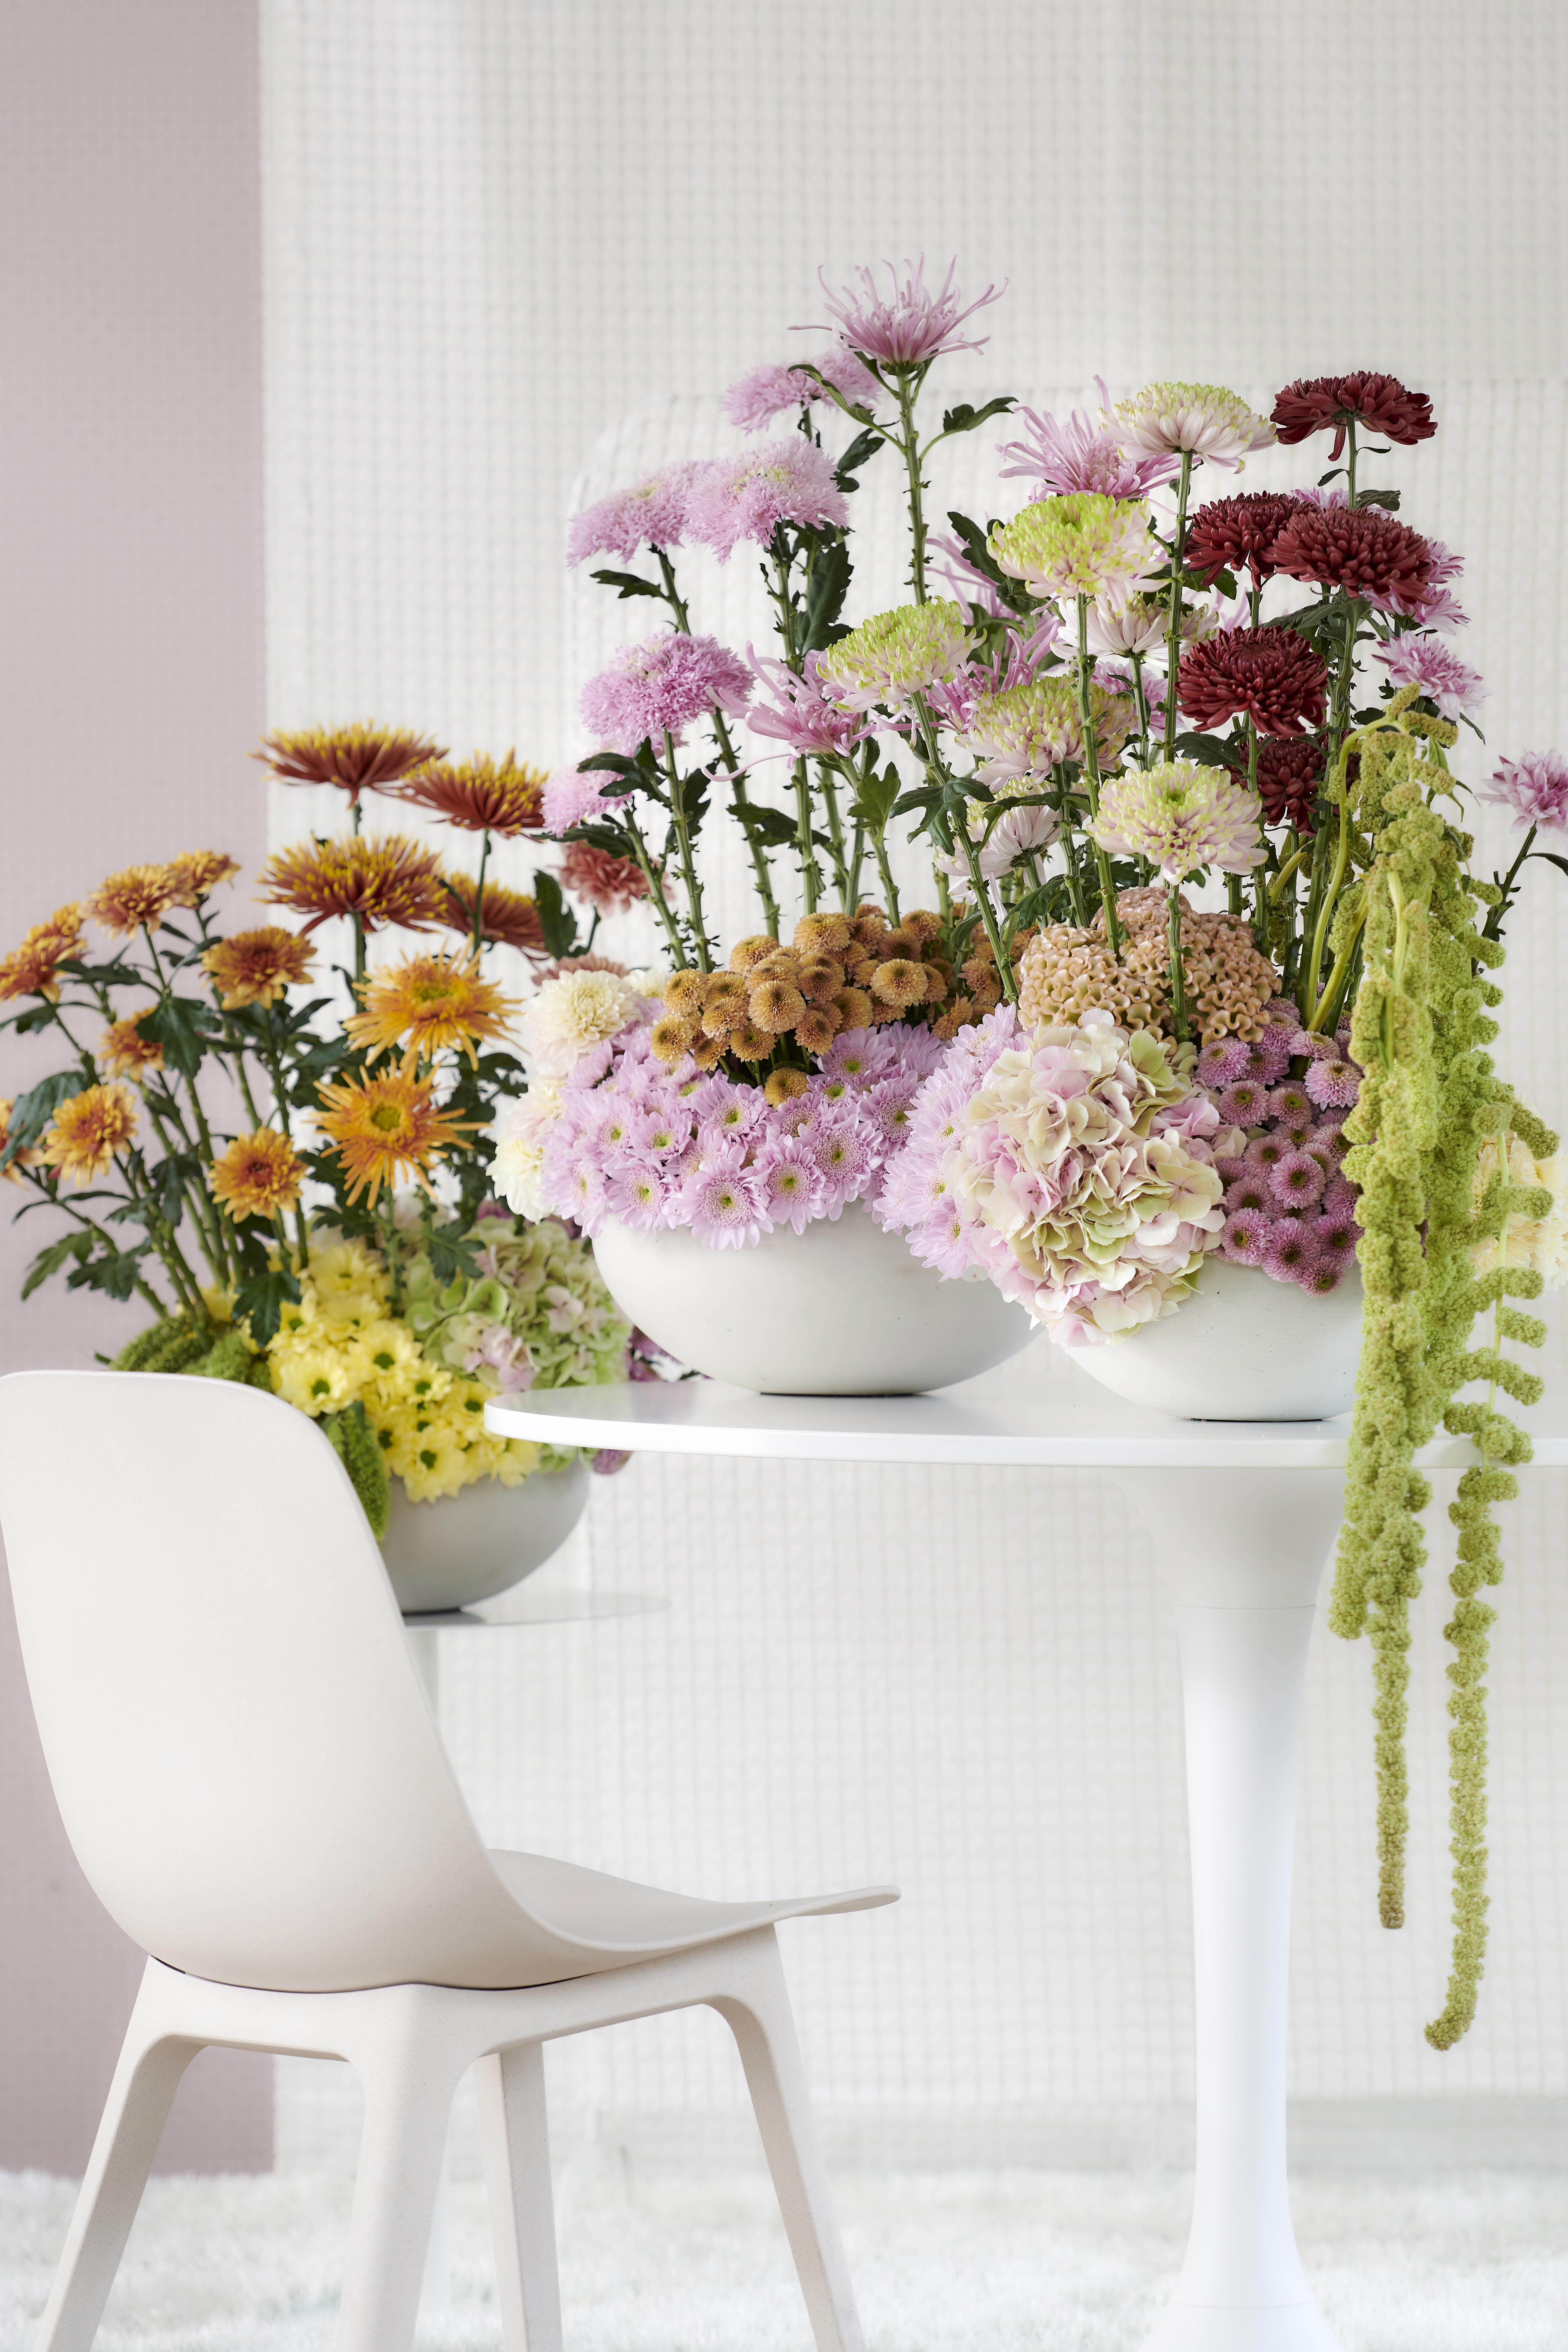 Chrysant staat in oktober op de Bloemenagenda